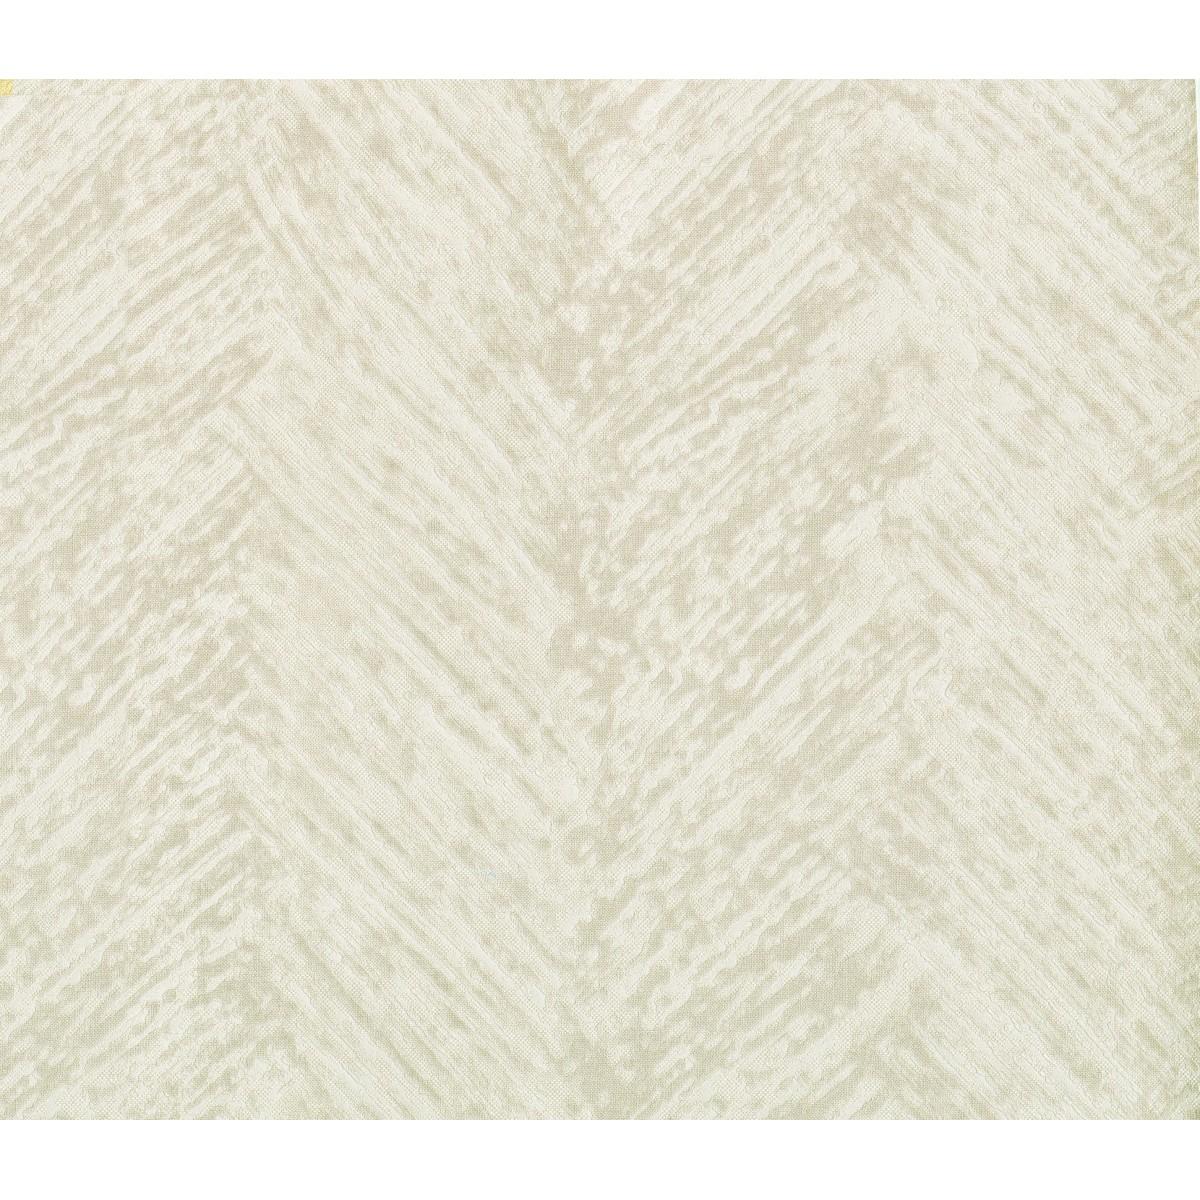 Обои флизелиновые Limonta Italian Wall Couture VETIVER бежевые 1.06 м 44201